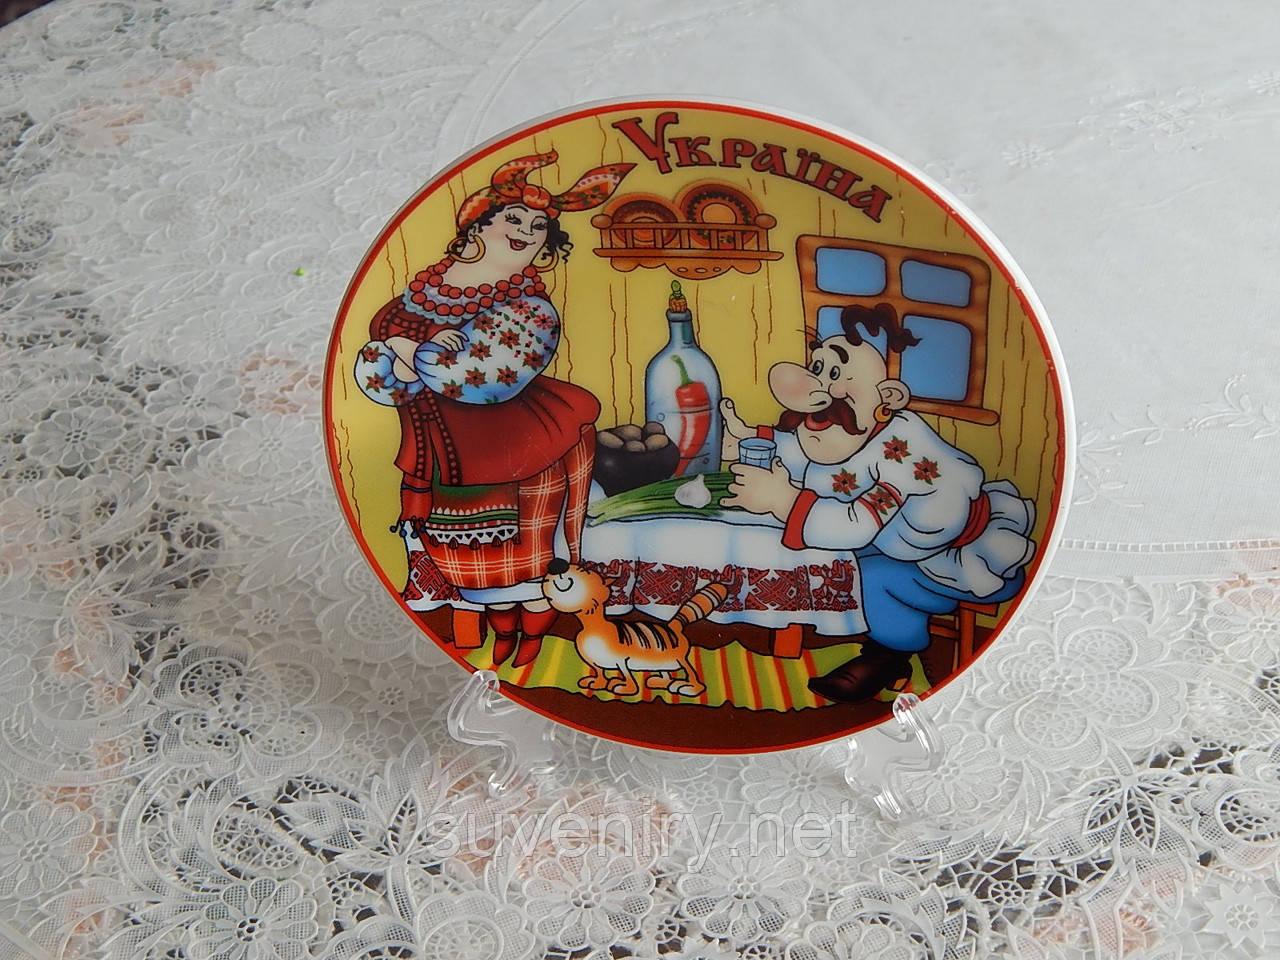 Сувенирная тарелка на подставке Украина